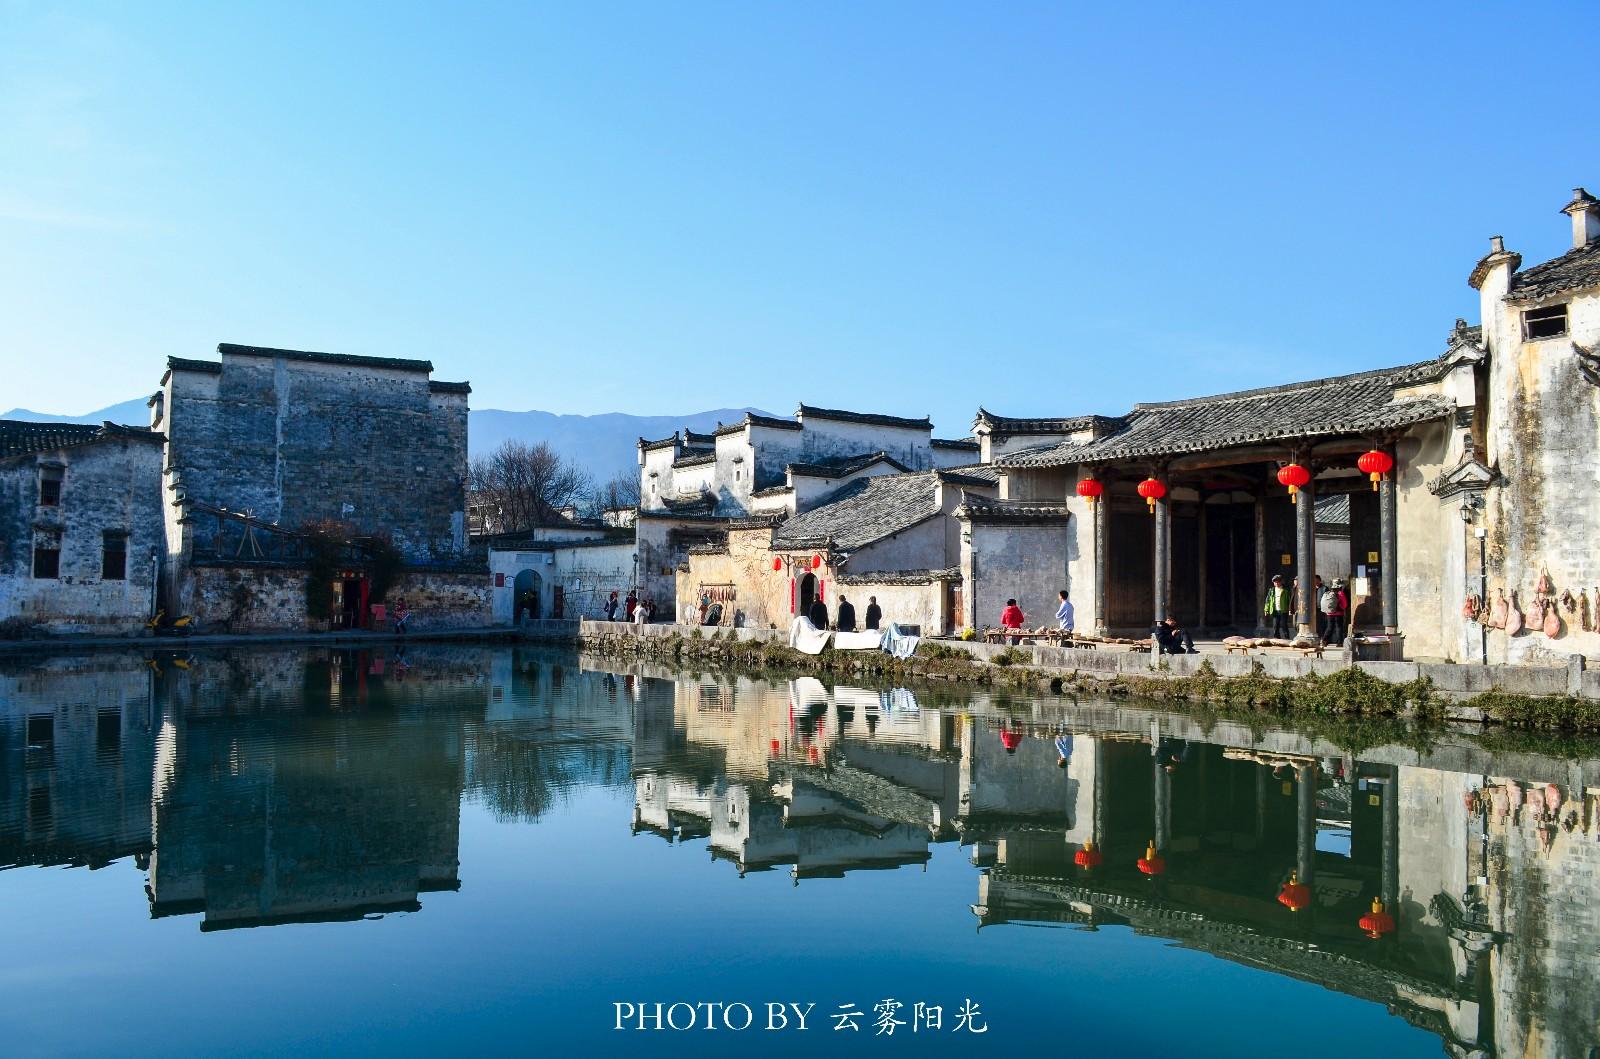 【新年輕度假】水墨宏村,畫里的景致